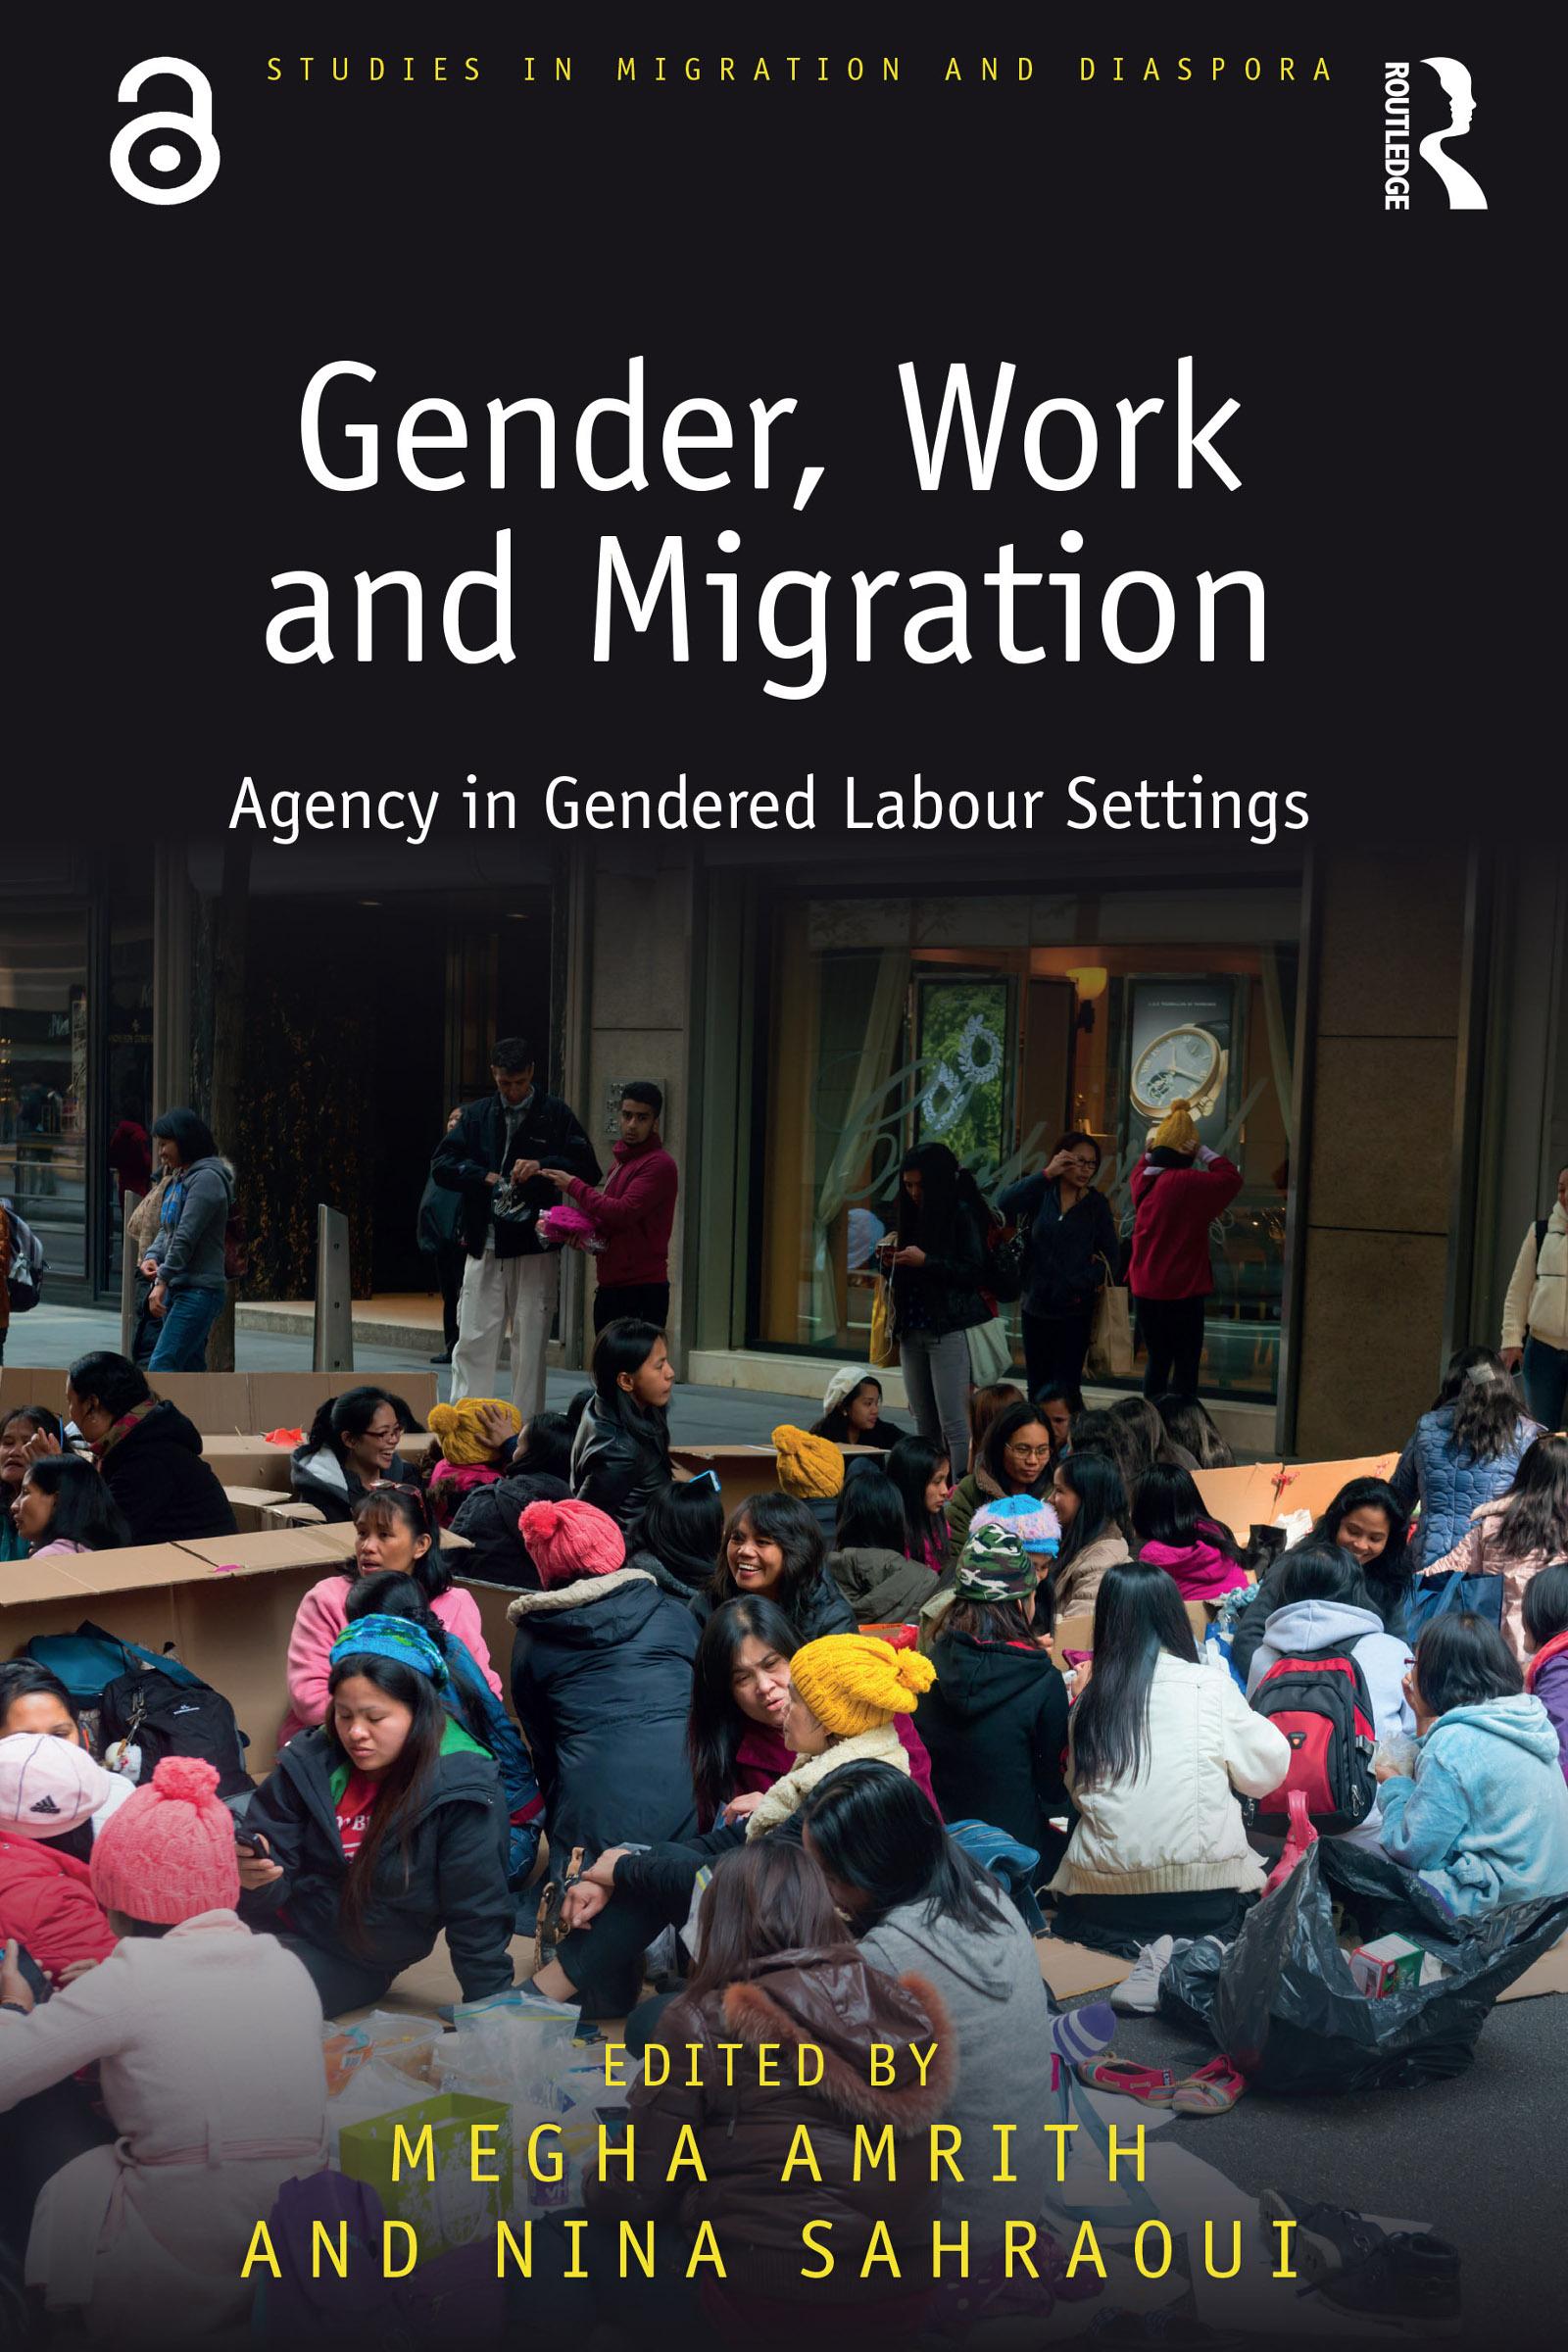 Gender, Work and Migration